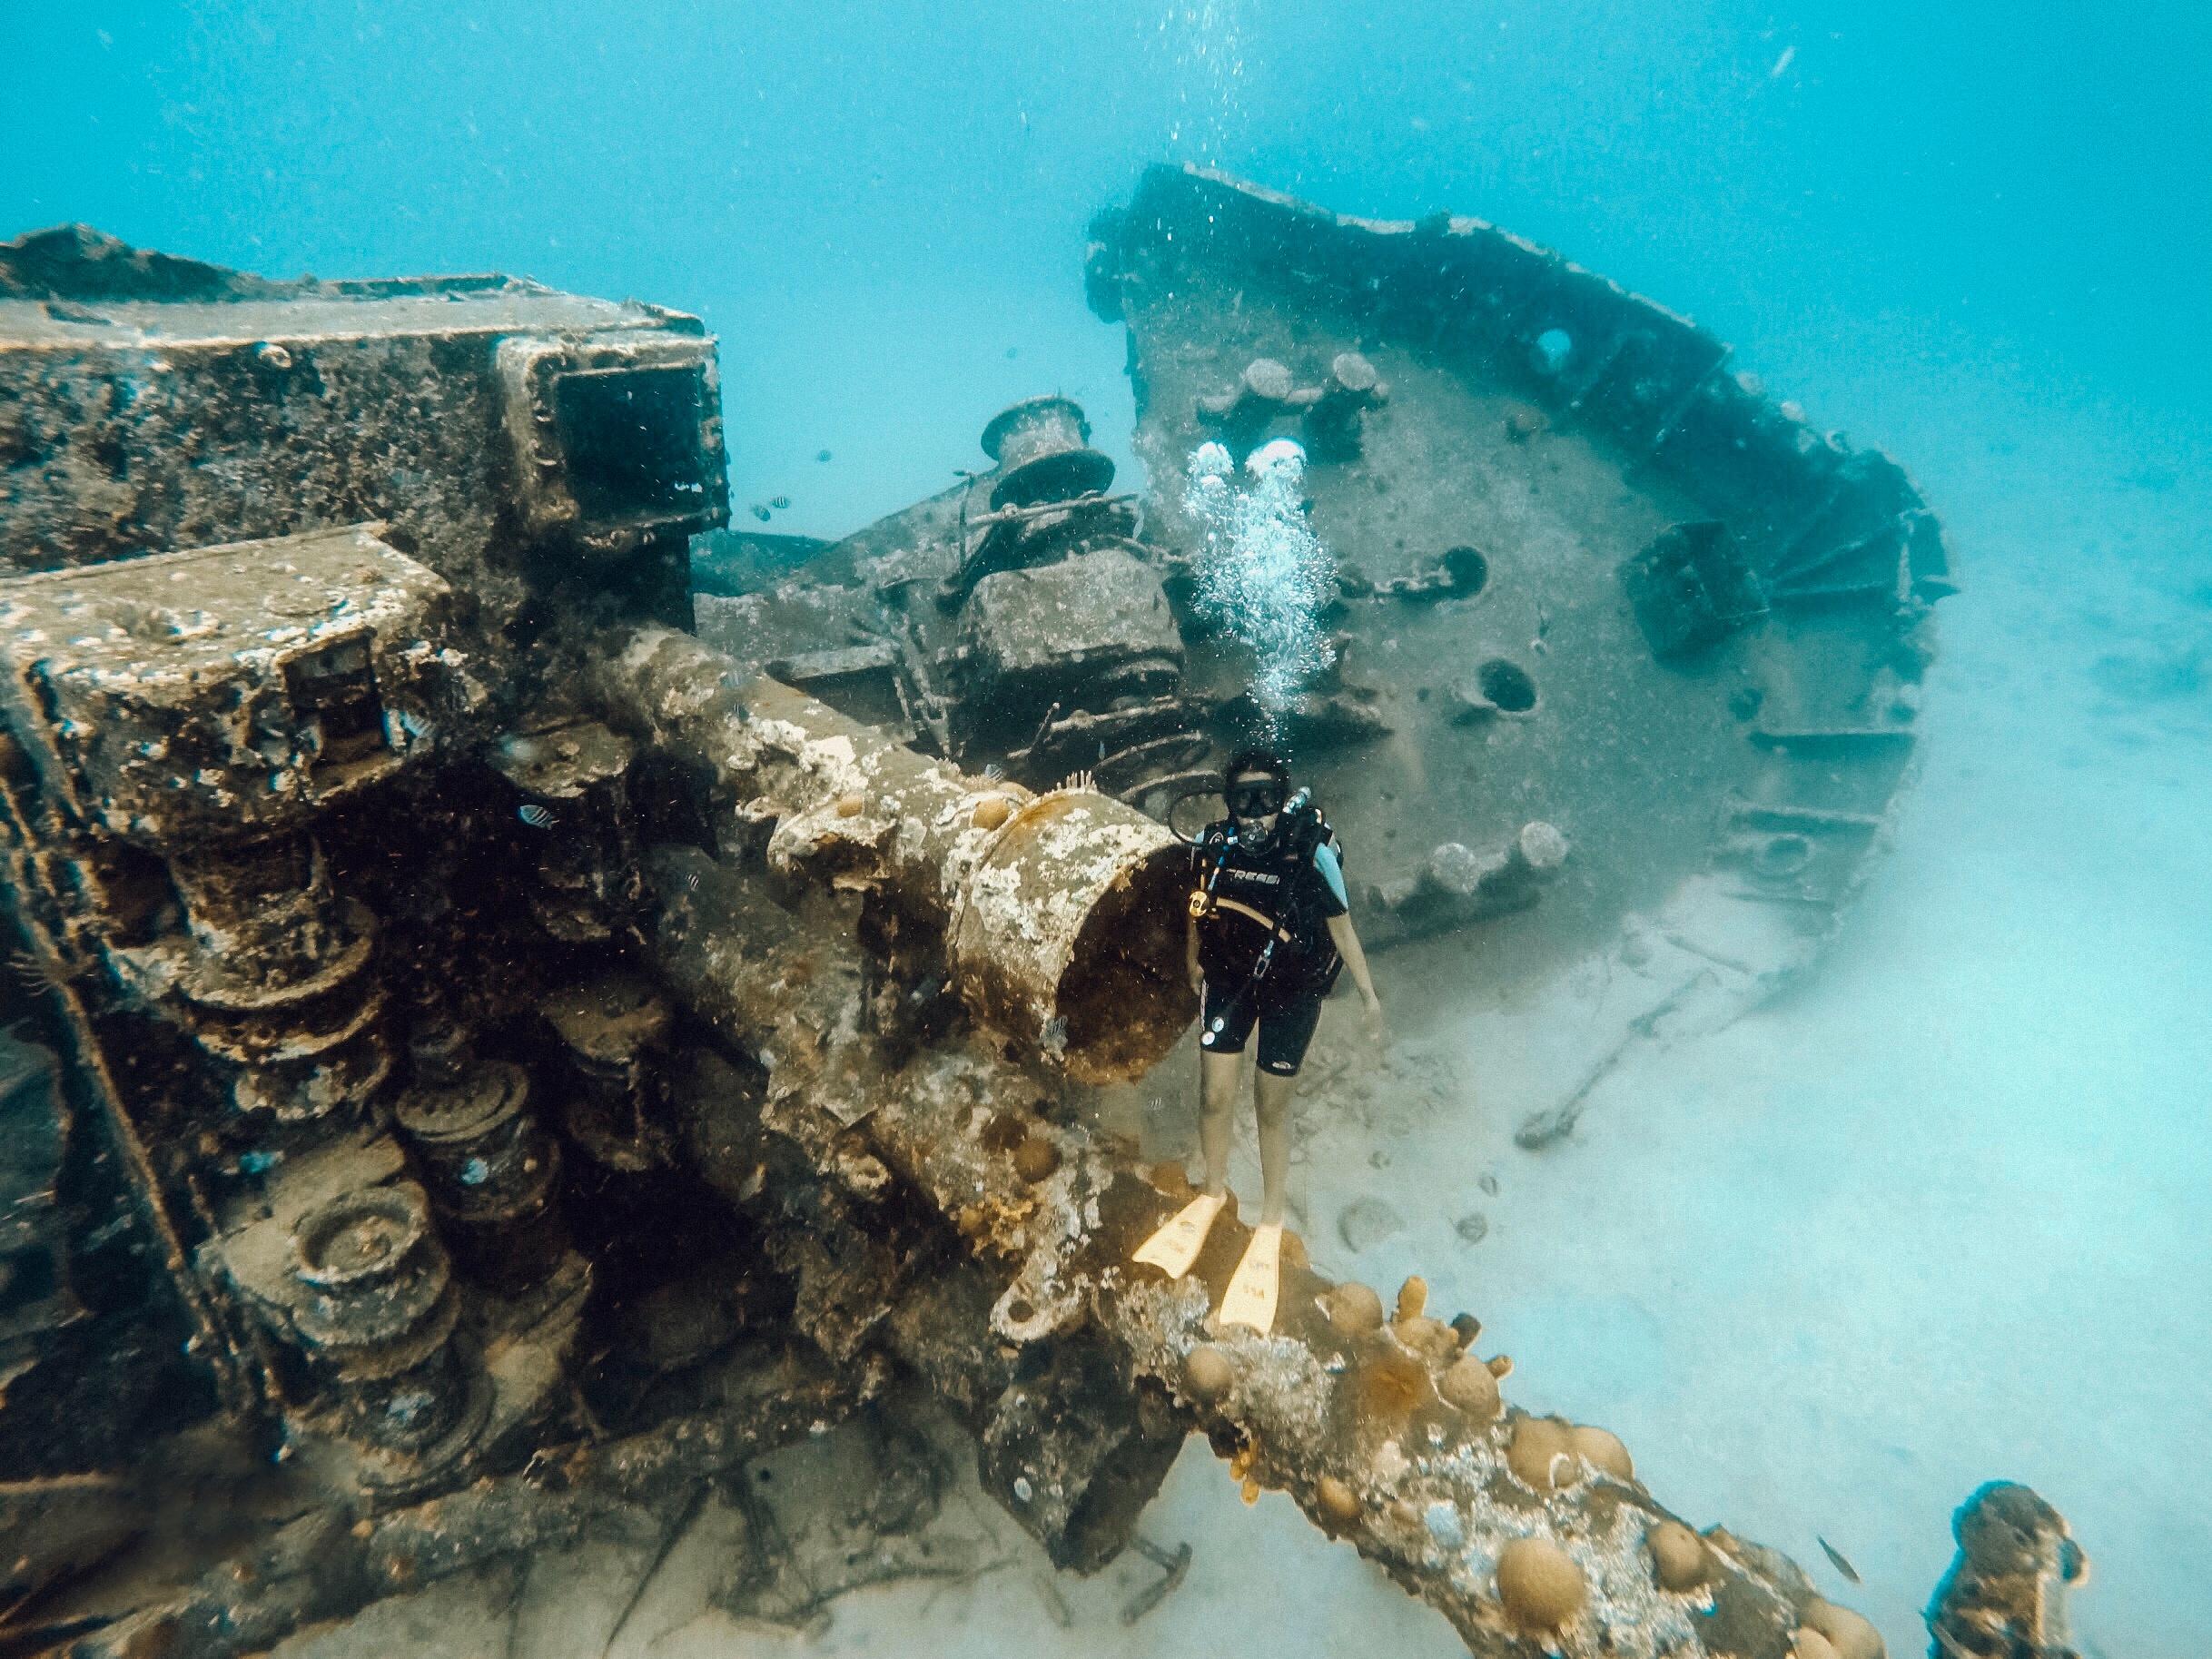 Mergulho de cilindro no barco naufragado, em San Andrés (Foto: Gabriel Bester)